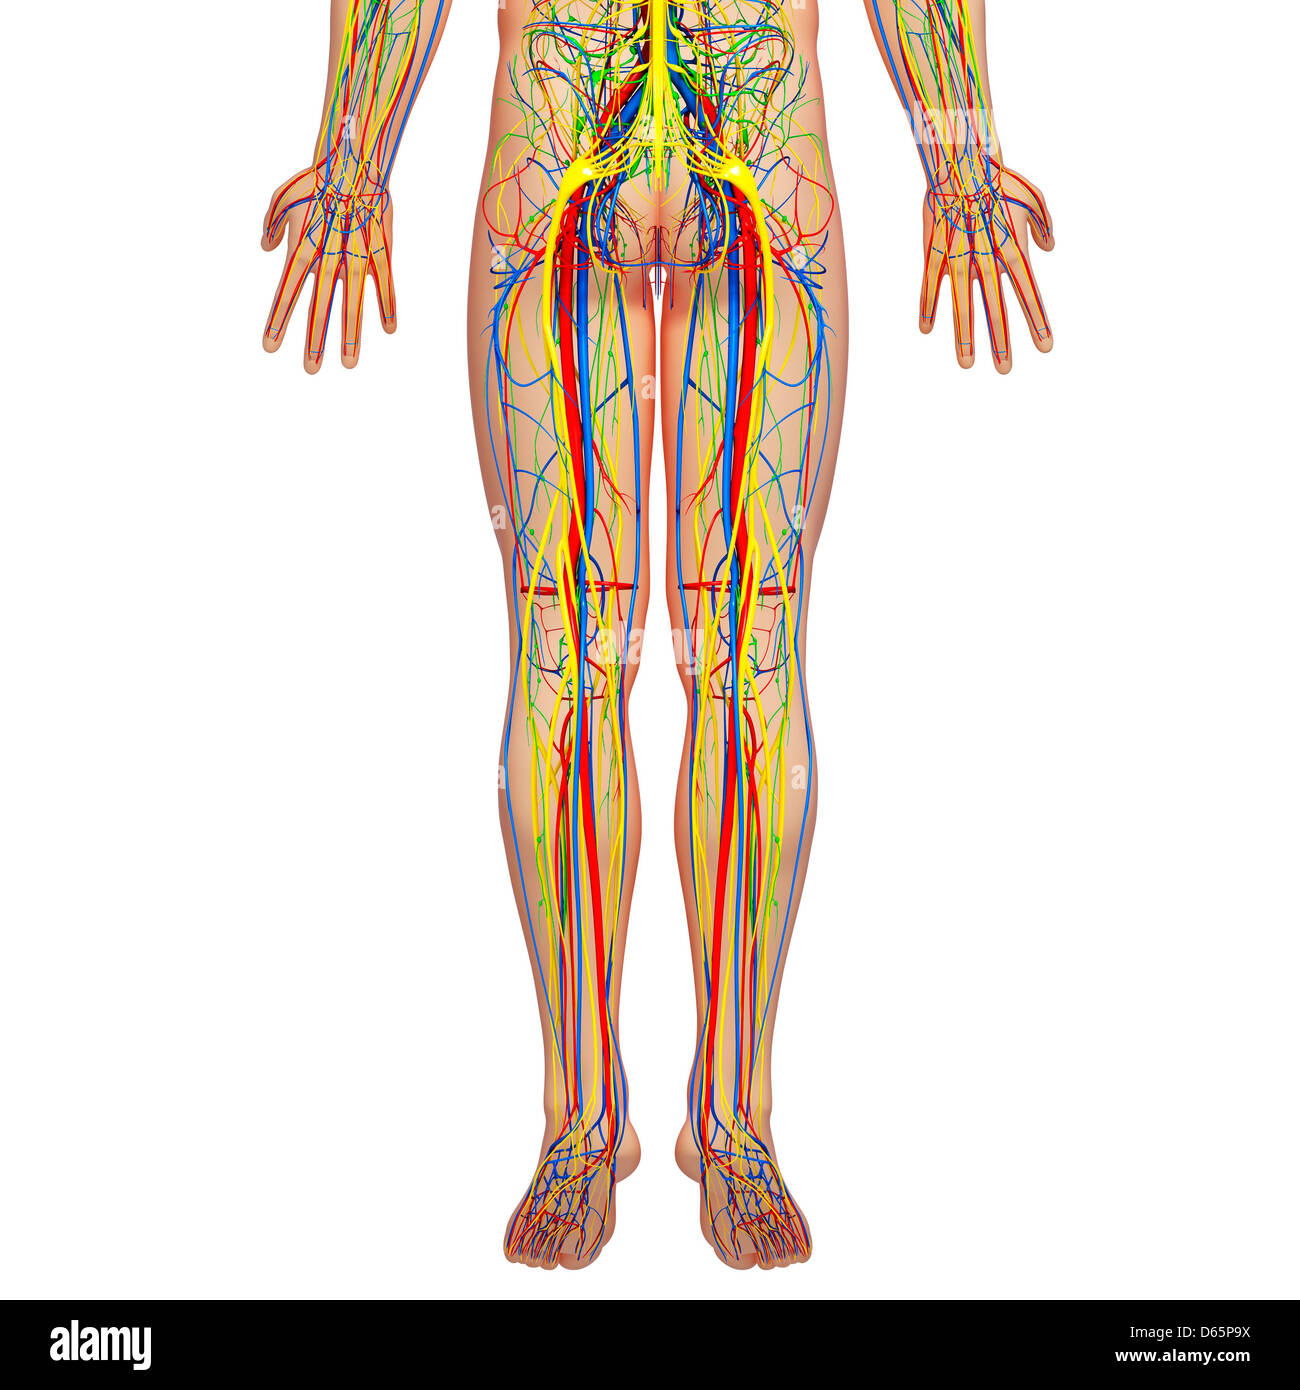 Unteren Körper Anatomie, artwork Stockfoto, Bild: 55446326 - Alamy